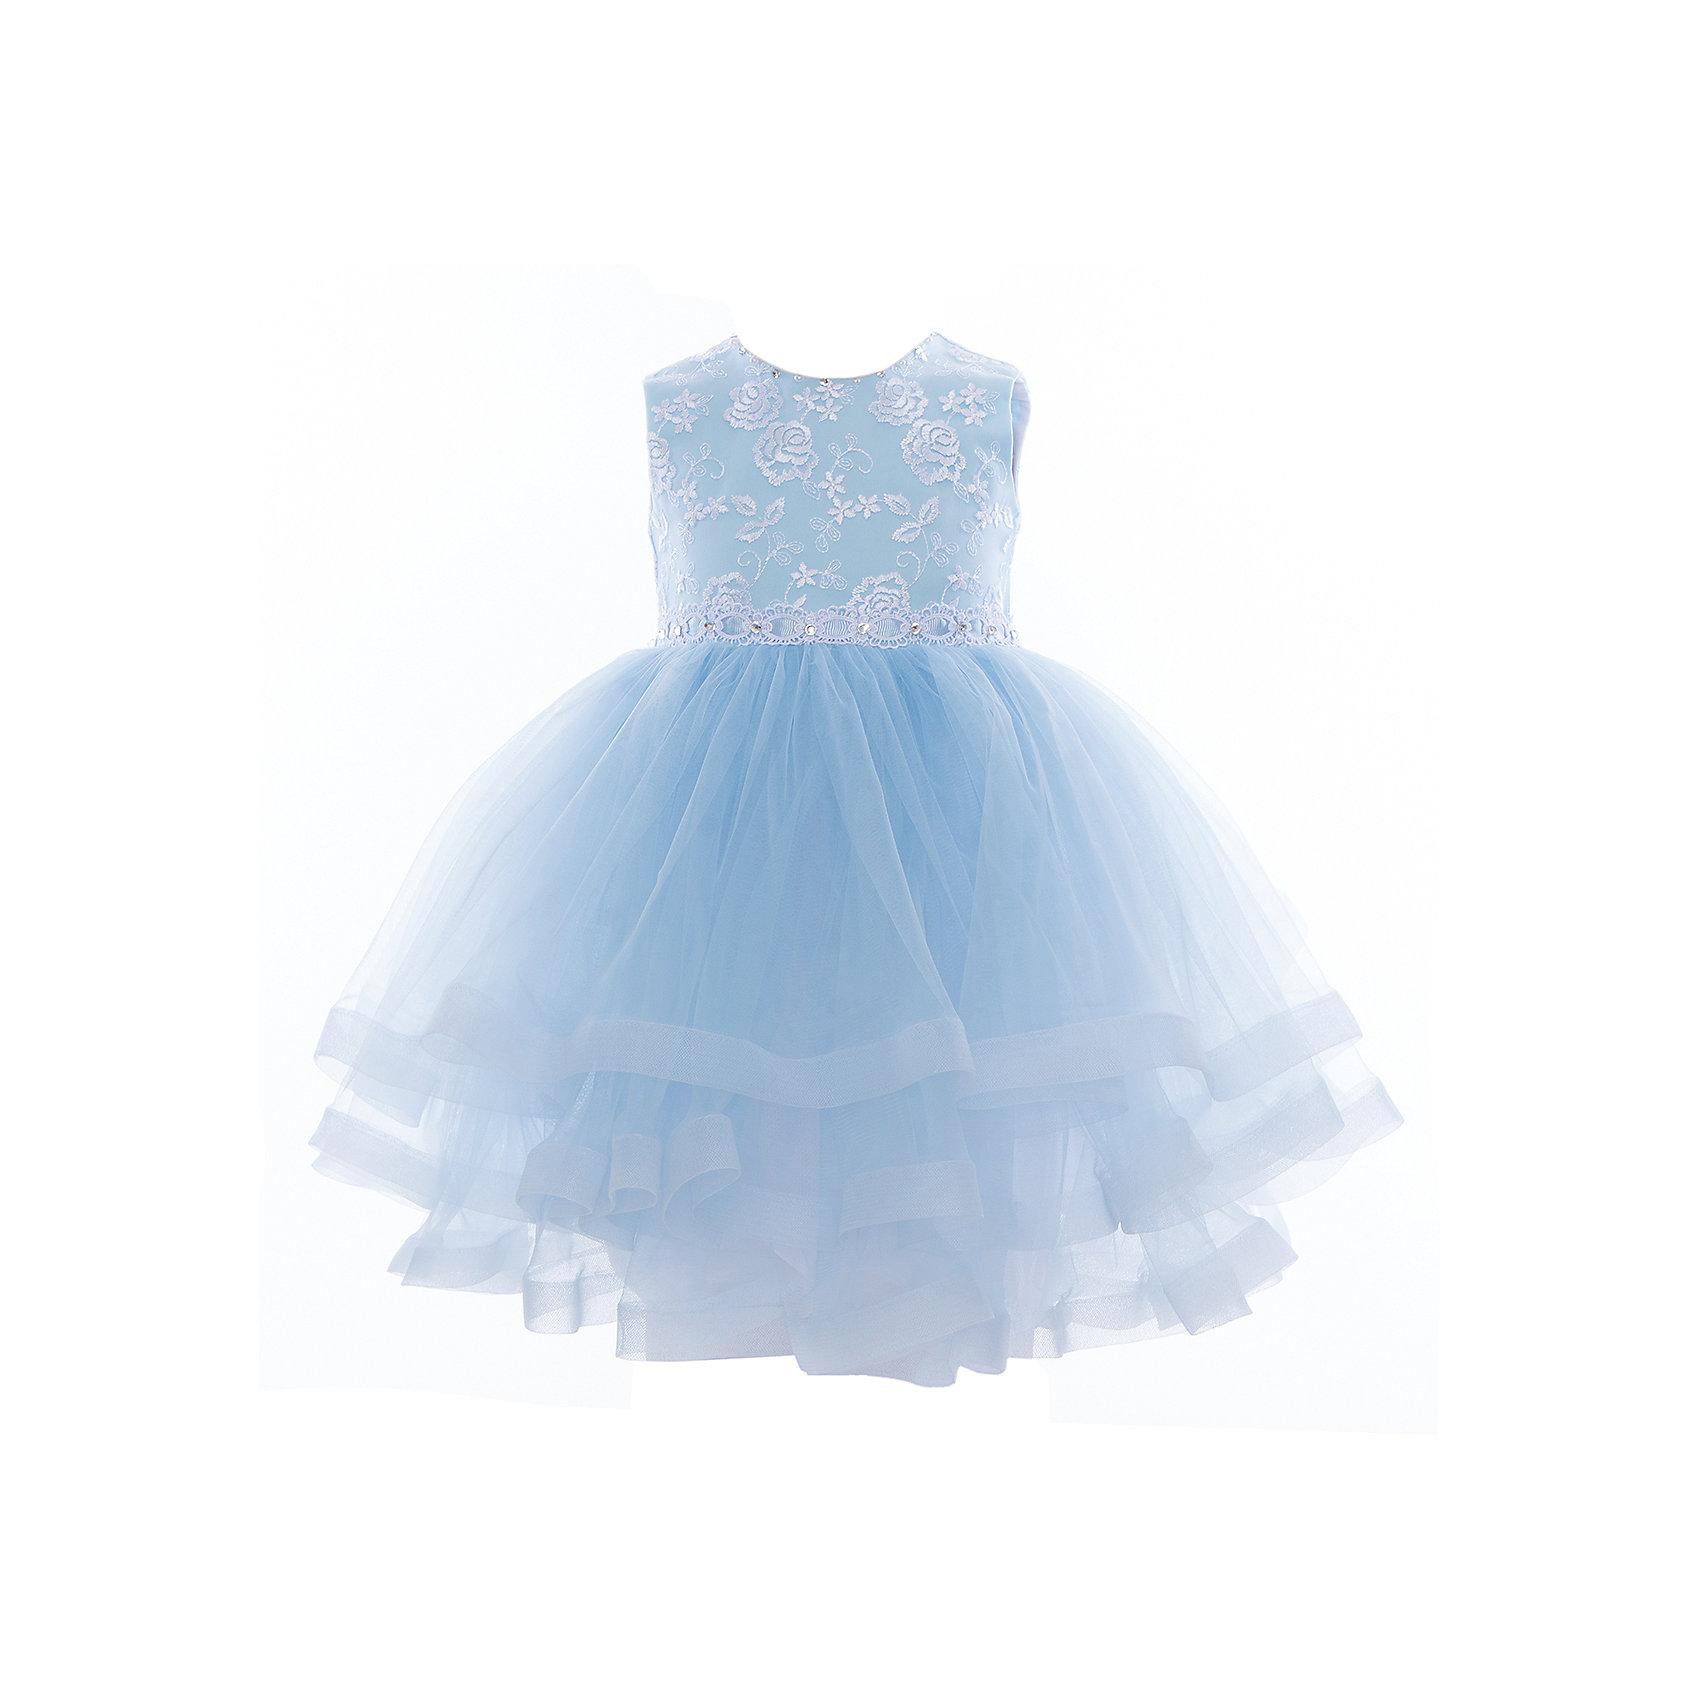 Платье нарядное для девочки ПрестижОдежда<br>Характеристики:<br><br>• Вид детской и подростковой одежды: платье<br>• Предназначение: праздничная<br>• Коллекция: Veronikaiko<br>• Сезон: круглый год<br>• Тематика рисунка: цветы<br>• Цвет: голубой, белый<br>• Материал: 100% полиэстер<br>• Силуэт: А-силуэт<br>• Юбка: солнце<br>• Рукав: без рукава<br>• Вырез горловины: круглый<br>• Длина платья: миди<br>• Застежка: молния на спинке<br>• Особенности ухода: ручная стирка при температуре не более 30 градусов<br><br>Платье нарядное для девочки Престиж от отечественного производителя праздничной одежды и аксессуаров как для взрослых, так и для детей. Изделие выполнено из 100% полиэстера, который обладает легкостью, прочностью, устойчивостью к износу и пятнам. <br><br>Платье отрезное по талии, имеет классический А-силуэт. Круглая горловина декорирована бусинами и стразами. Платье выполнено в нежном дизайне: верх платья оформлен вышитыми букетиками белых цветов и многоярусная фатиновая юбка придают изделию особую воздушность и легкость. <br><br>Платье нарядное для девочки Престиж – это неповторимый стиль вашей девочки на любом торжестве!<br><br>Платье нарядное для девочки Престиж можно купить в нашем интернет-магазине.<br><br>Ширина мм: 236<br>Глубина мм: 16<br>Высота мм: 184<br>Вес г: 177<br>Цвет: голубой<br>Возраст от месяцев: 36<br>Возраст до месяцев: 48<br>Пол: Женский<br>Возраст: Детский<br>Размер: 104,116,110<br>SKU: 5387684